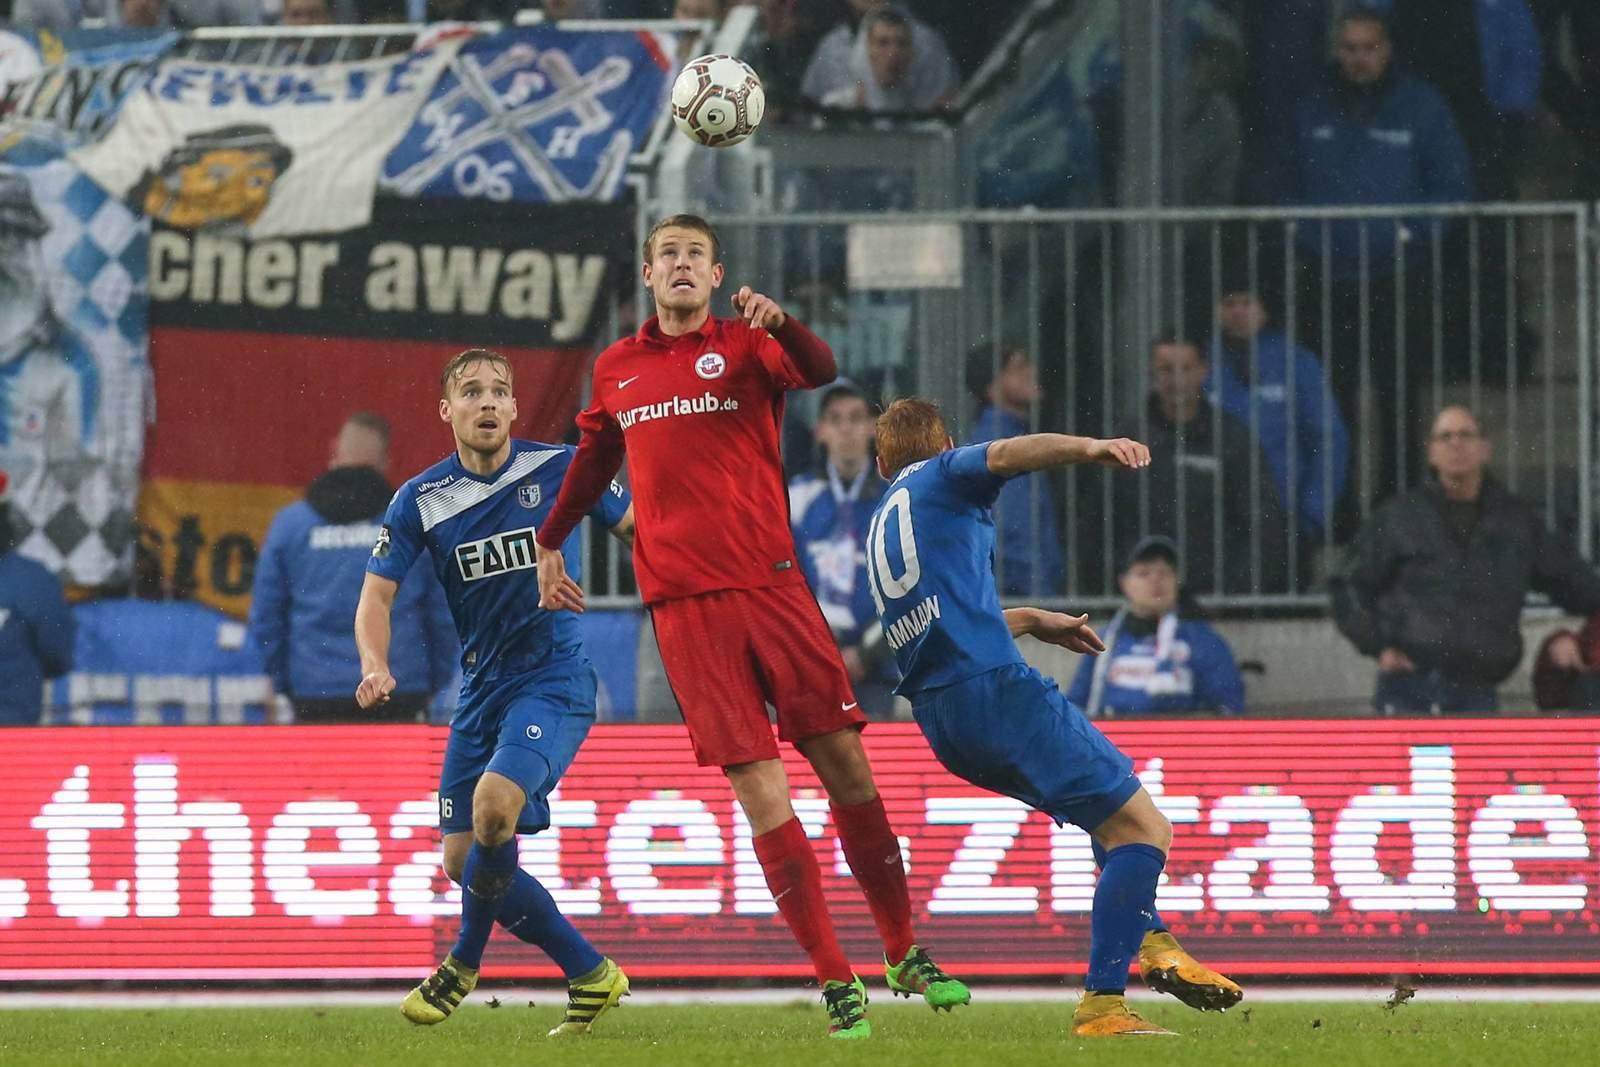 Setzt sich Grupe gegen Hammann durch? Jetzt auf 1. FC Magdeburg gegen Hansa Rostock wetten